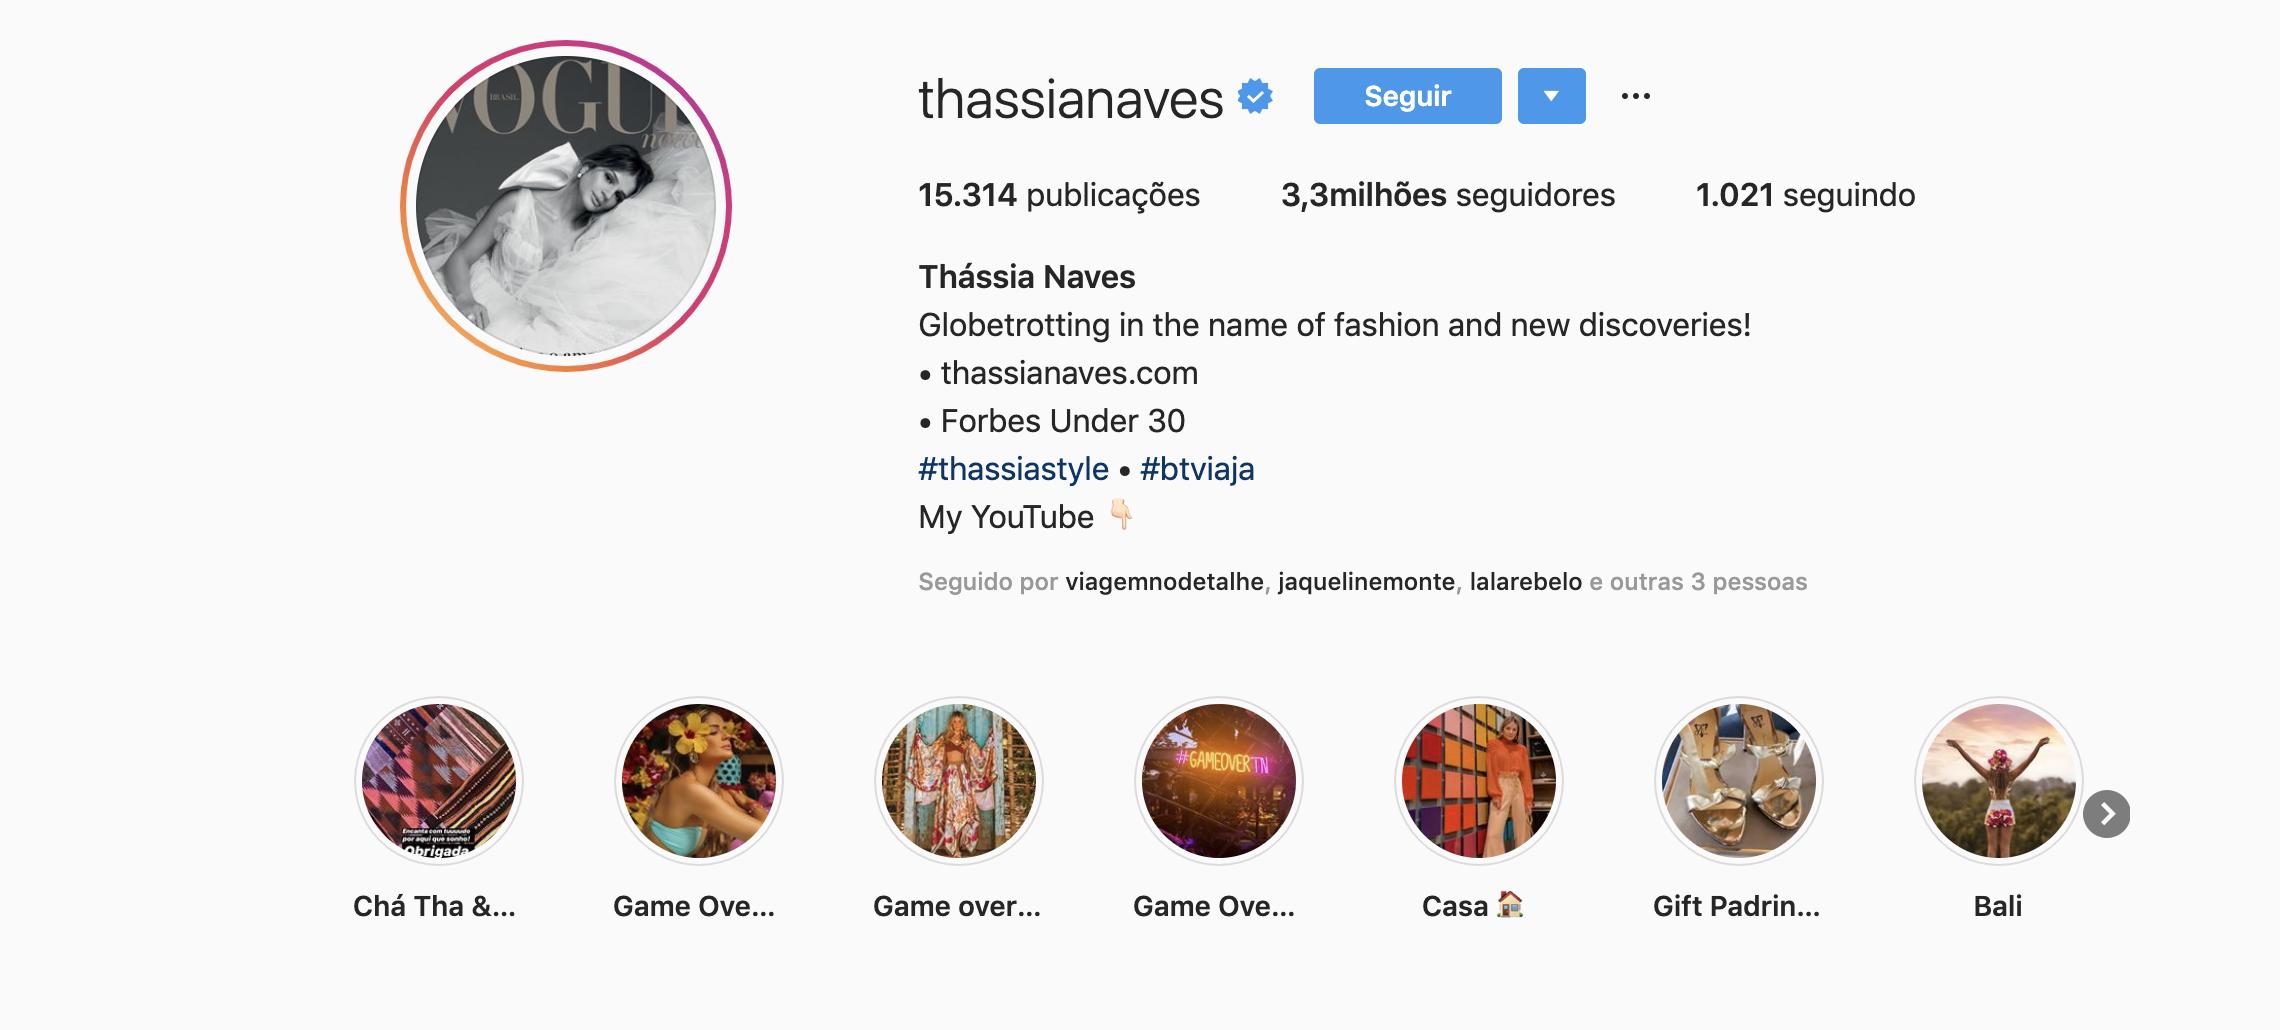 thassia naves como exemplo de blogueira de sucesso